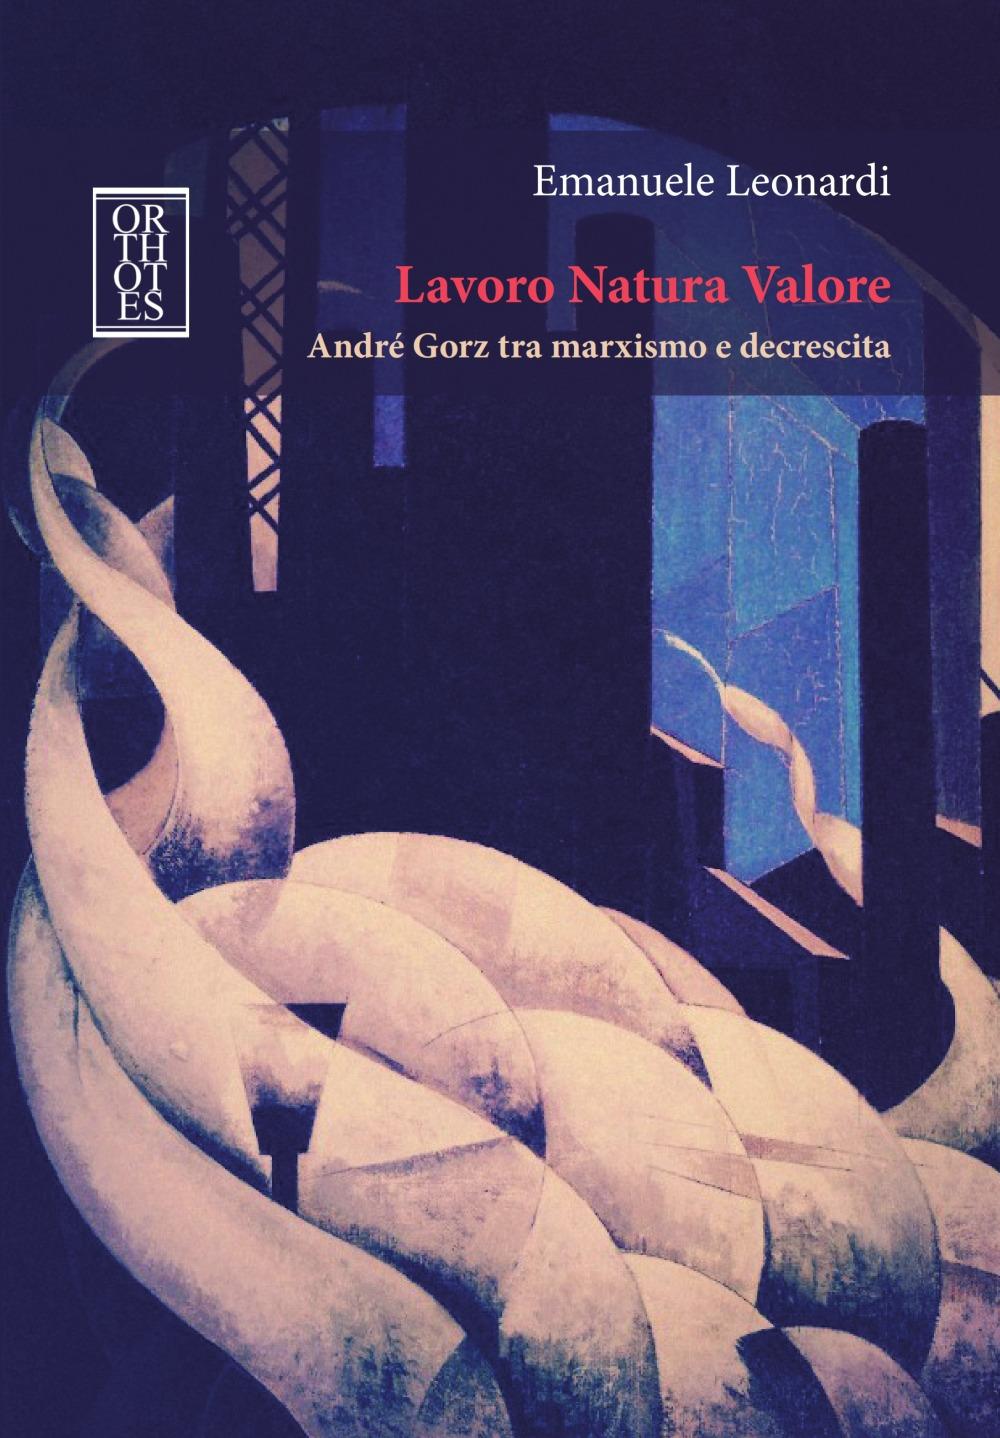 Lavoro Natura Valore. André Gorz tra marxismo e decrescita. Book Cover